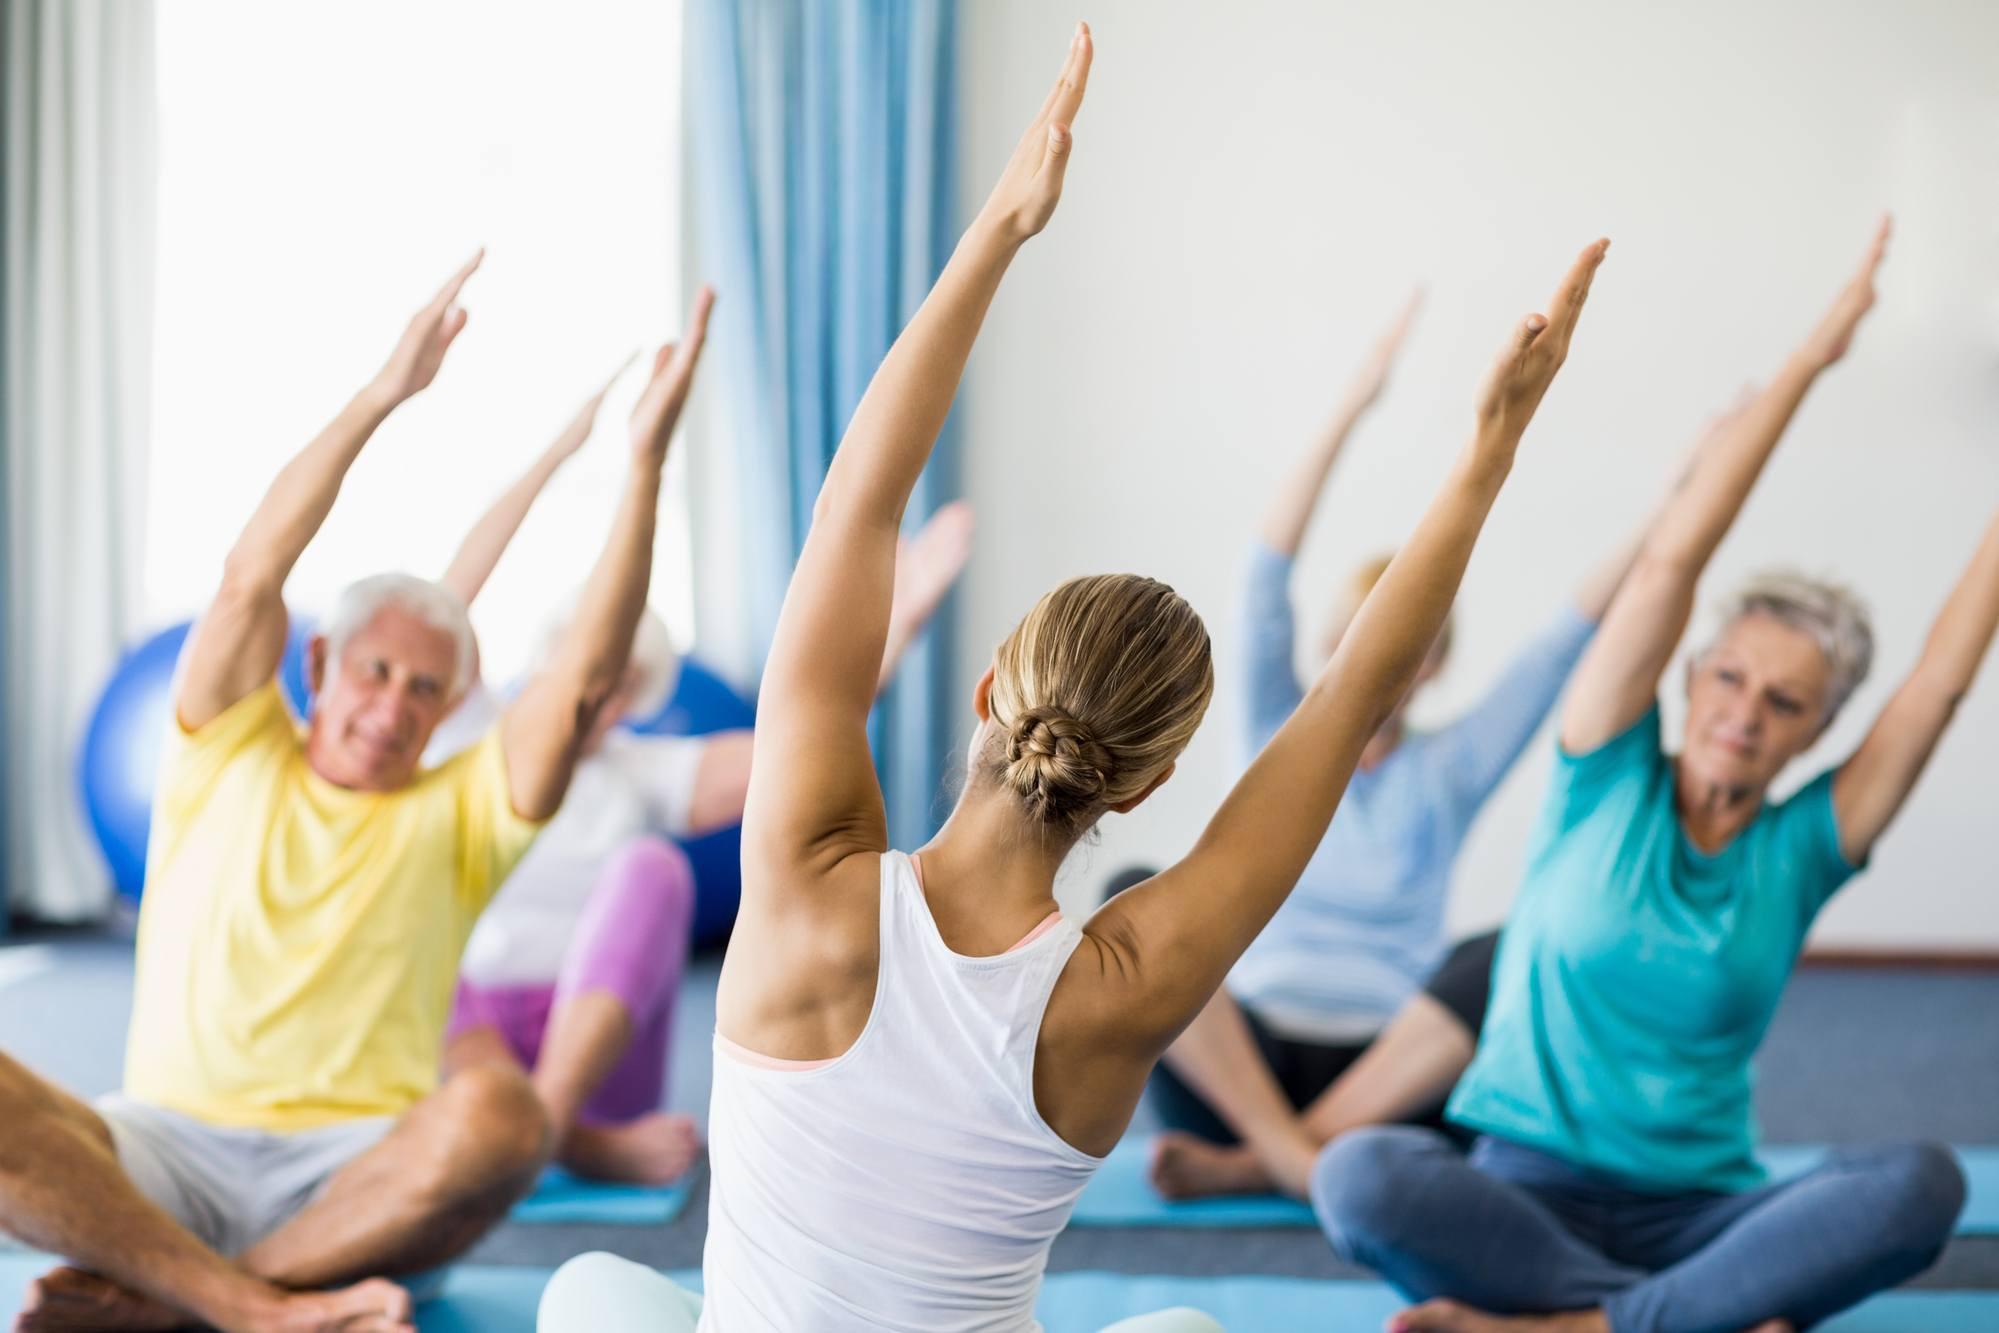 Yoga - Yarmouth Senior Center